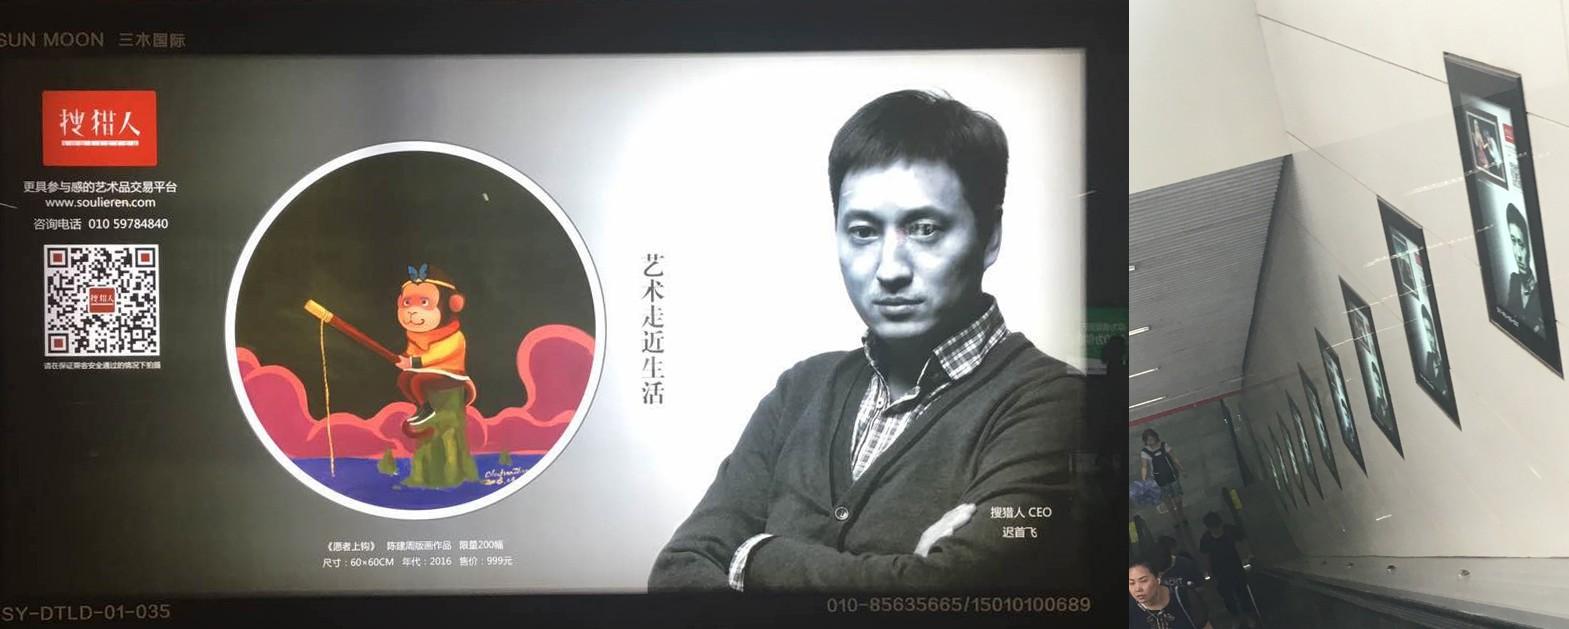 艺术电商搜猎人地铁广告图片